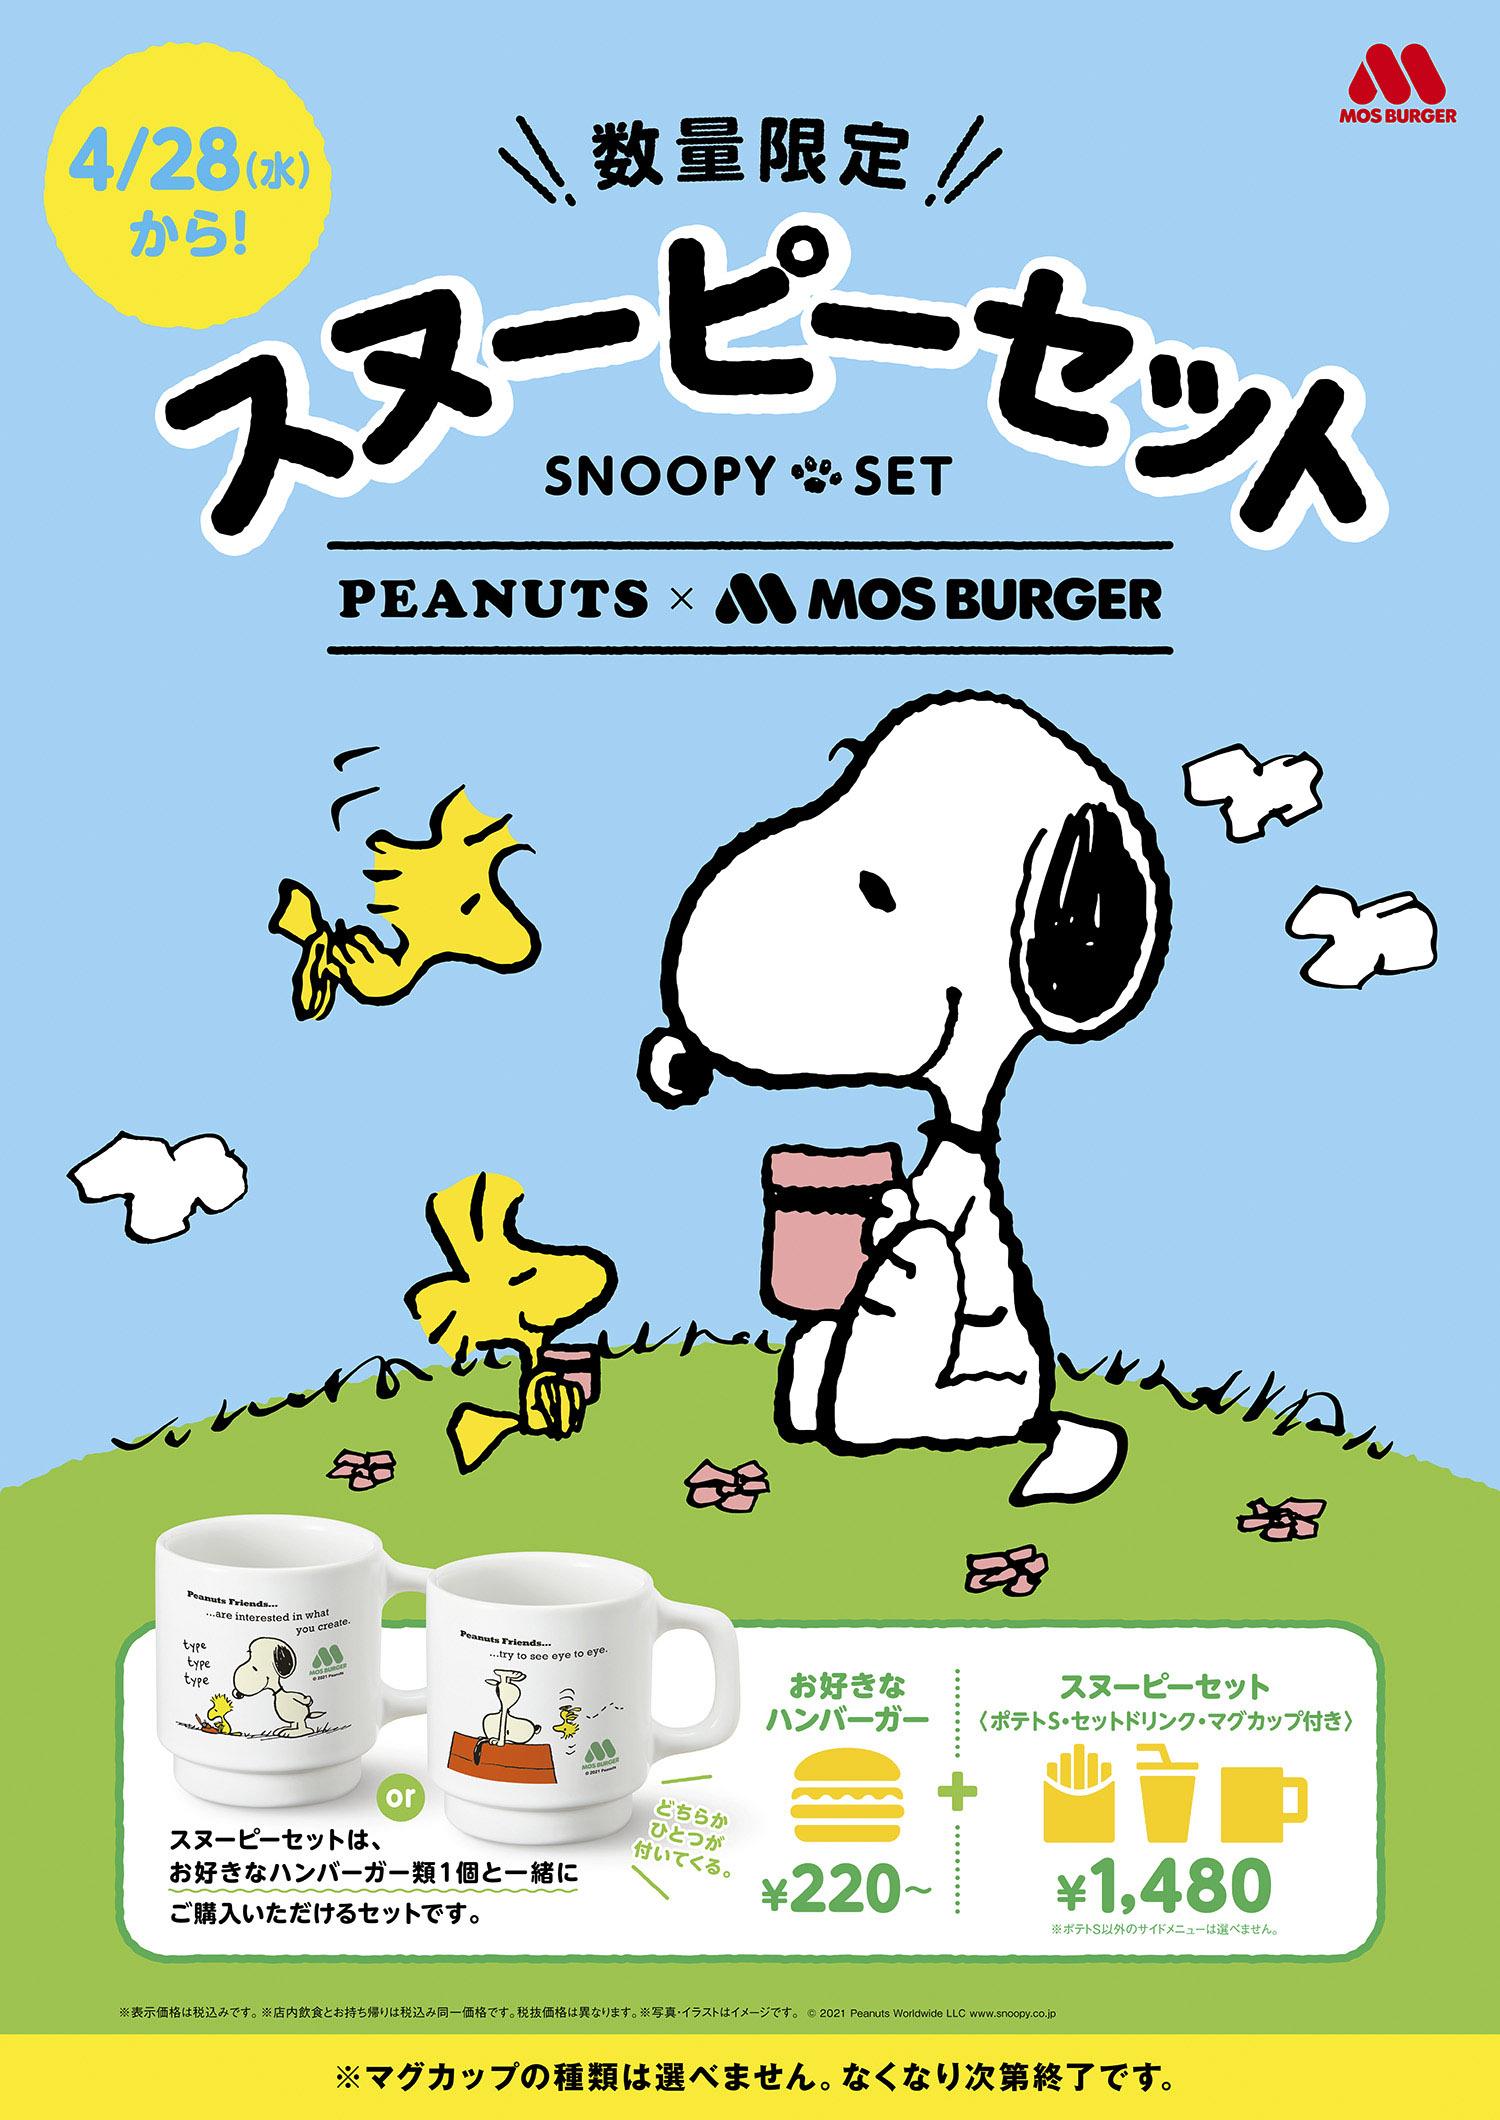 「スヌーピー」×「モスバーガー」コラボ決定!限定デザインのモスカード&マグカップ付きセットが数量限定で販売